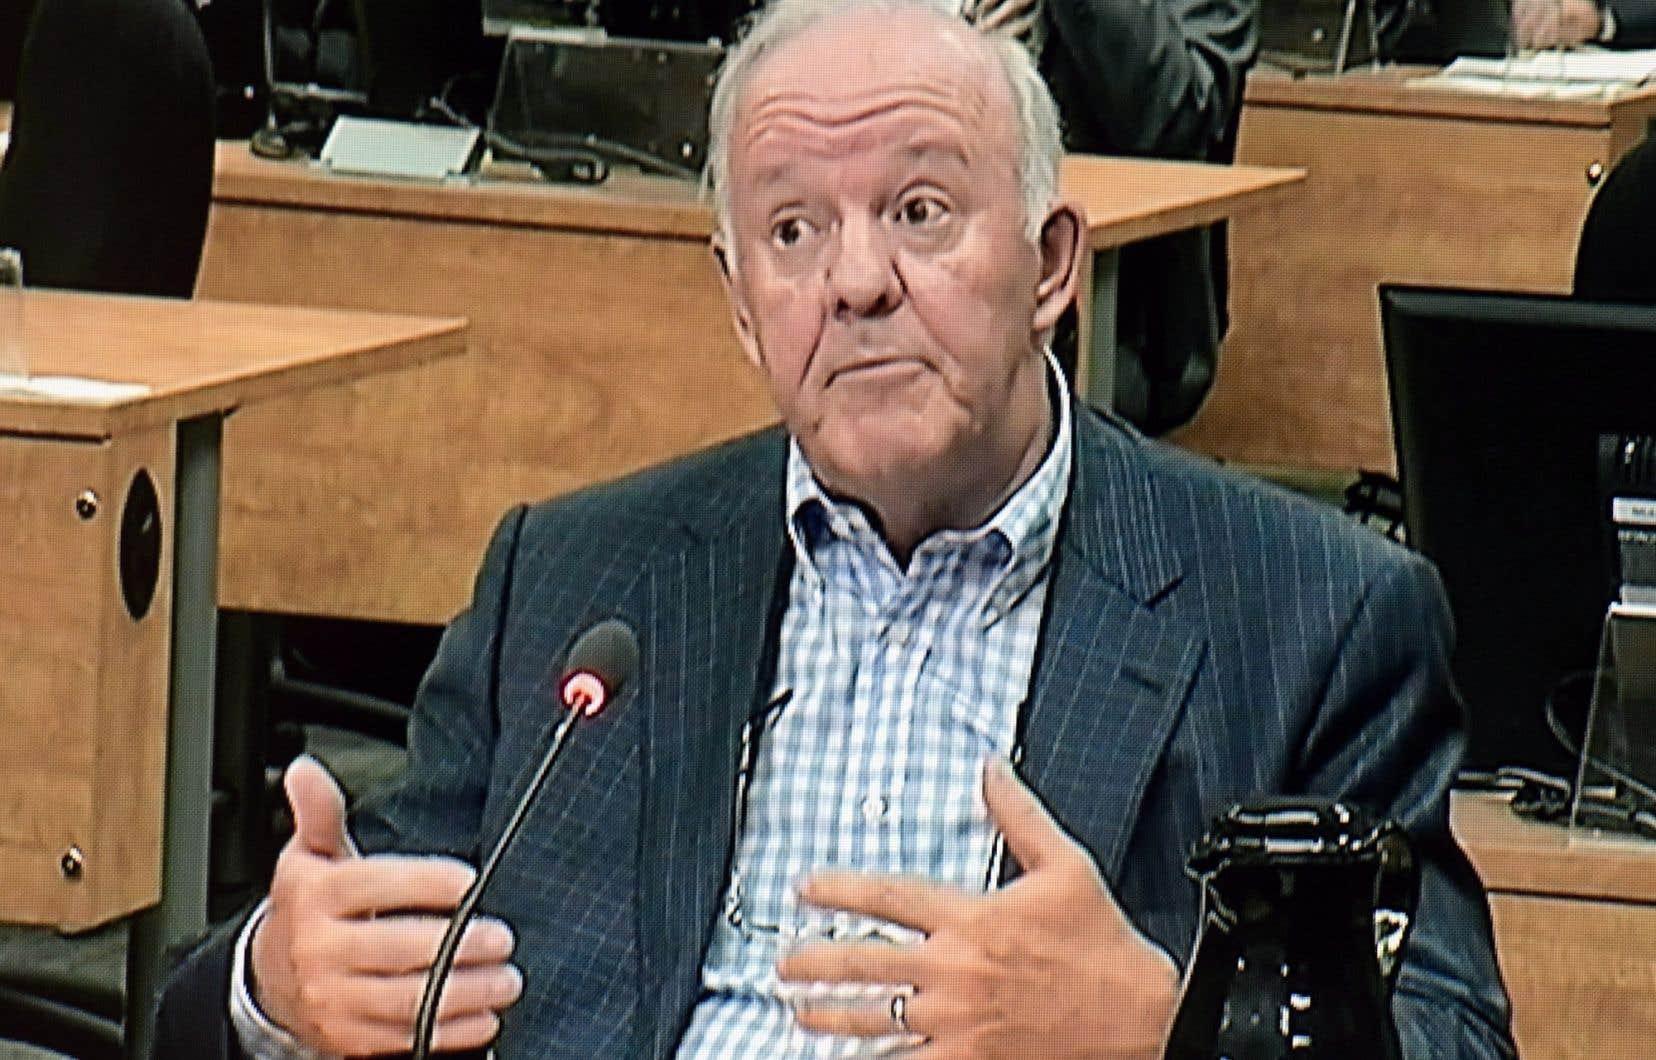 Le témoignage de Marc-Yvan Côté, personnage clef du financement libéral, se poursuivra mercredi.